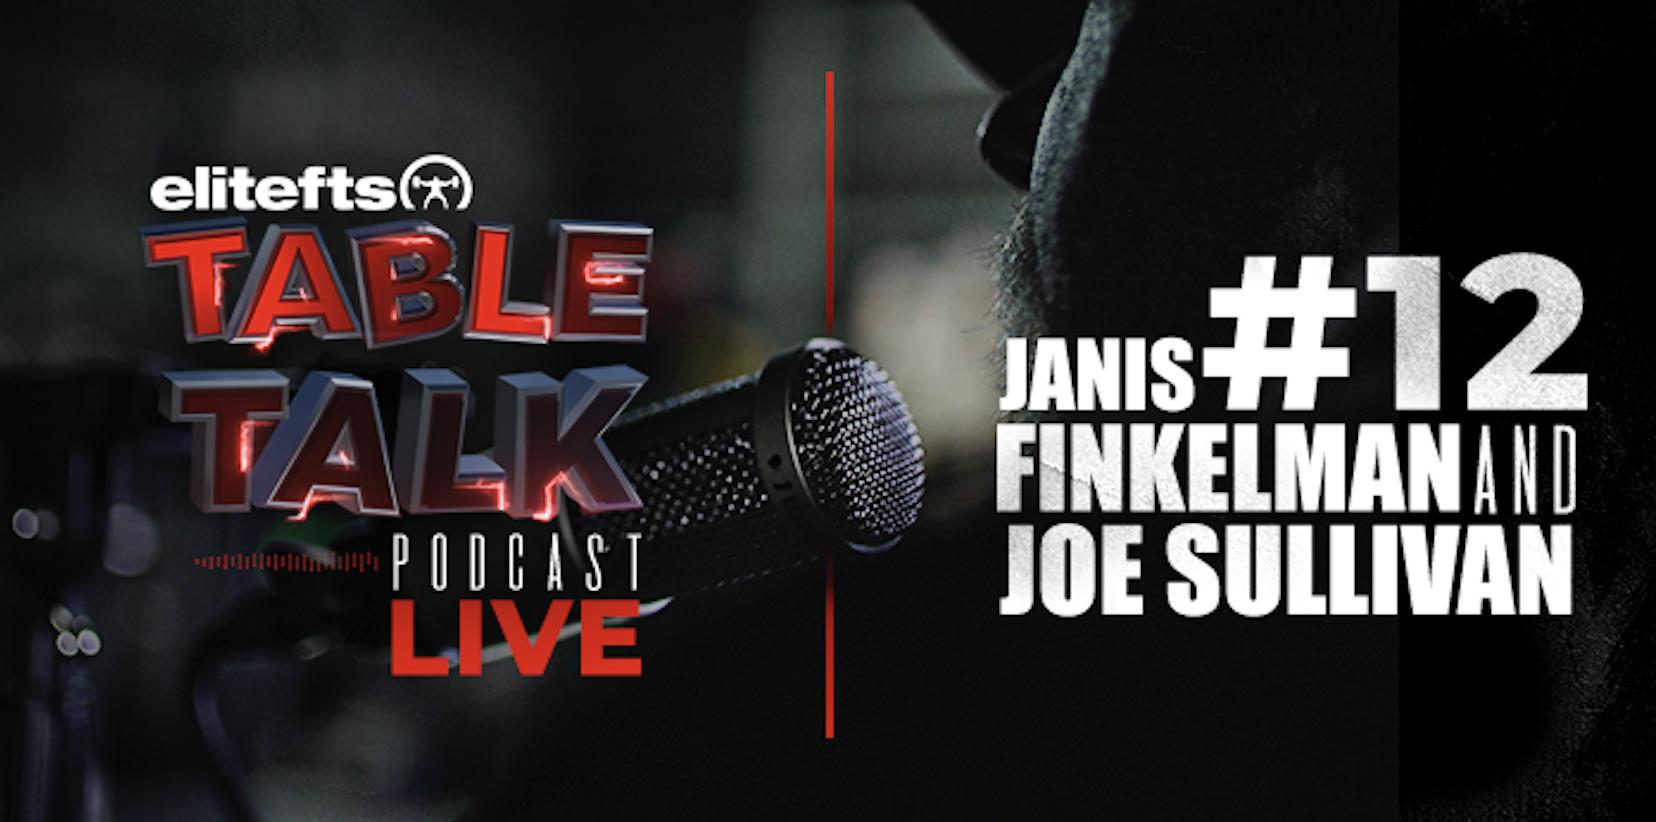 LISTEN: Table Talk Podcast #12 with Joe Sullivan and Janis Finkelman